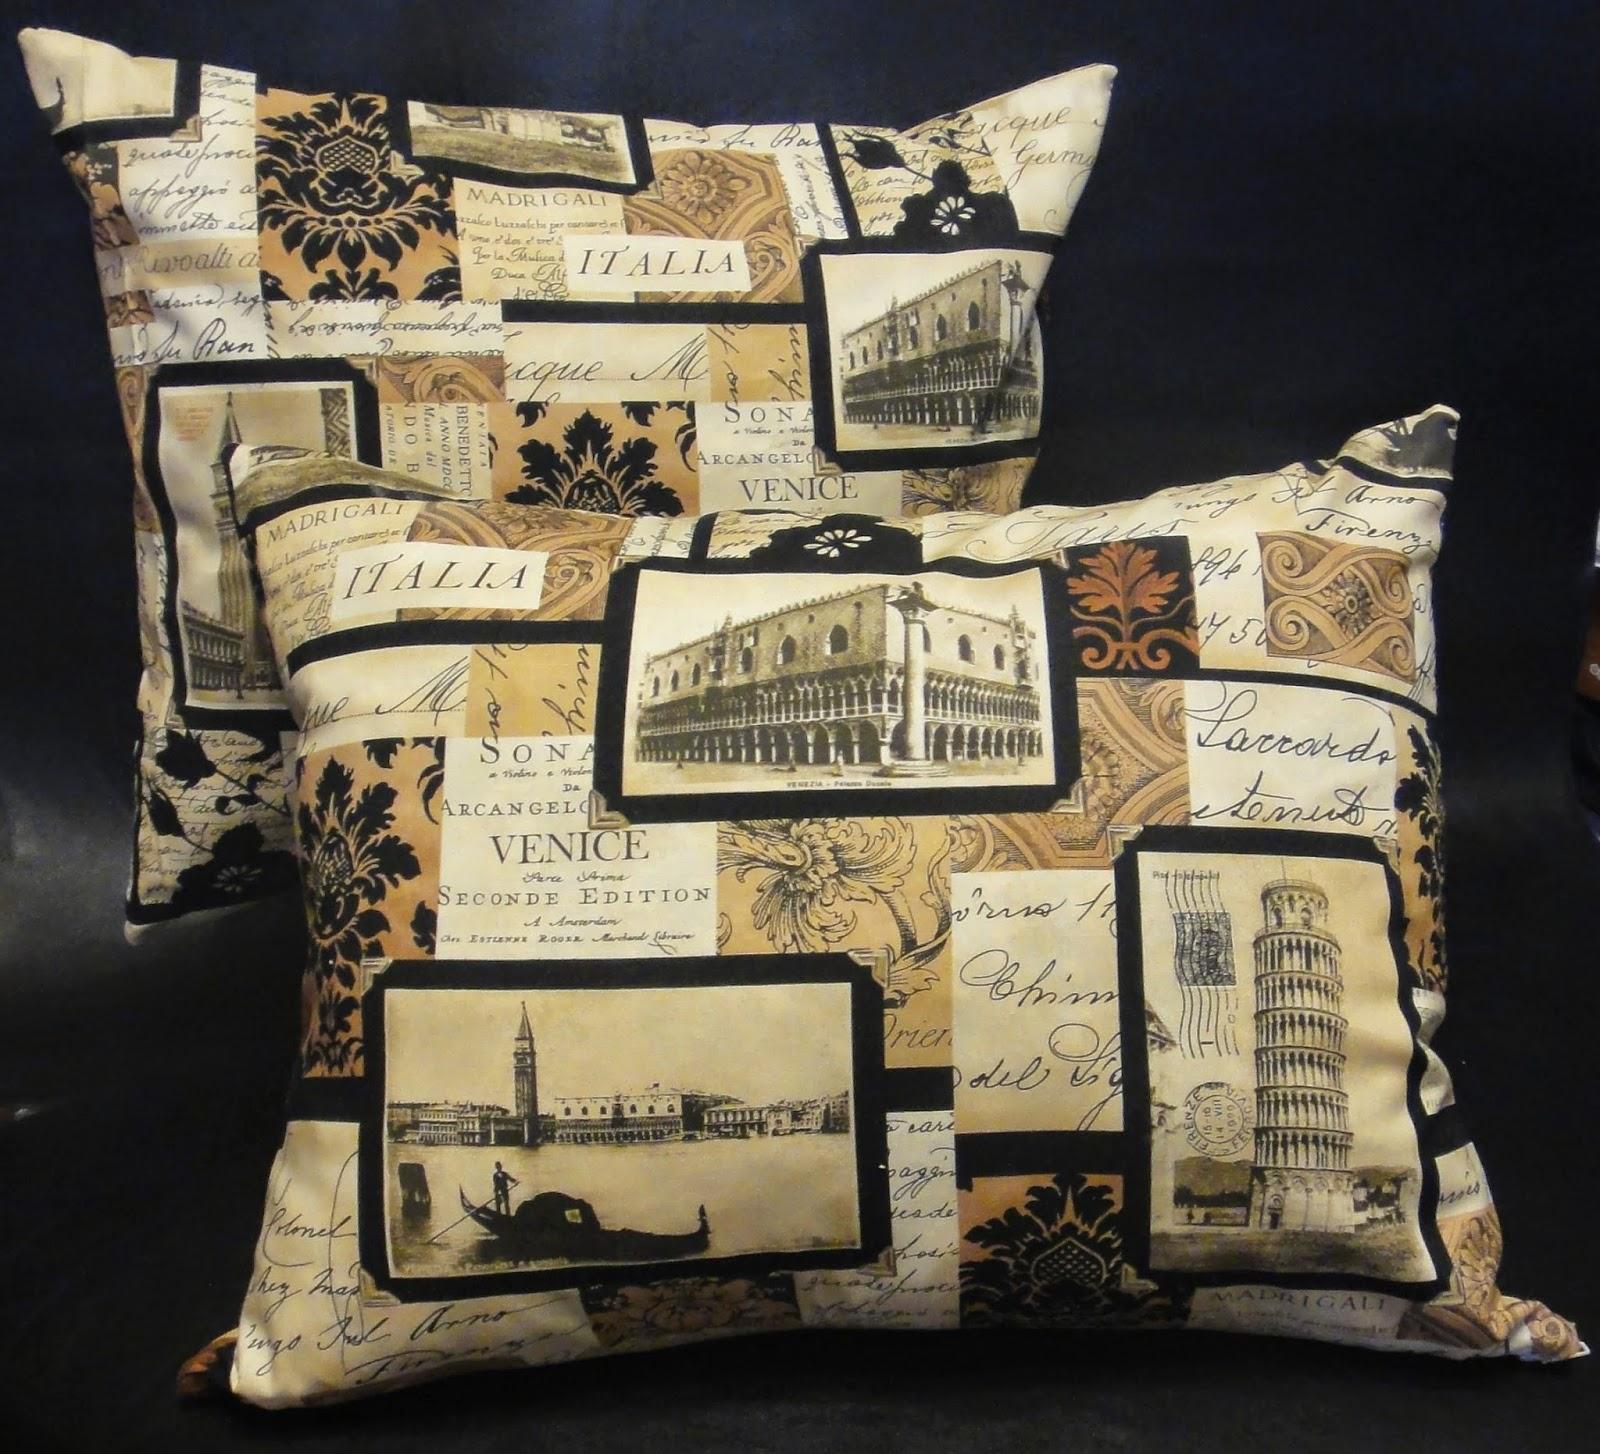 Диванные подушки на диван Итальянские достопримечательности: Рим, Милан, Венеция